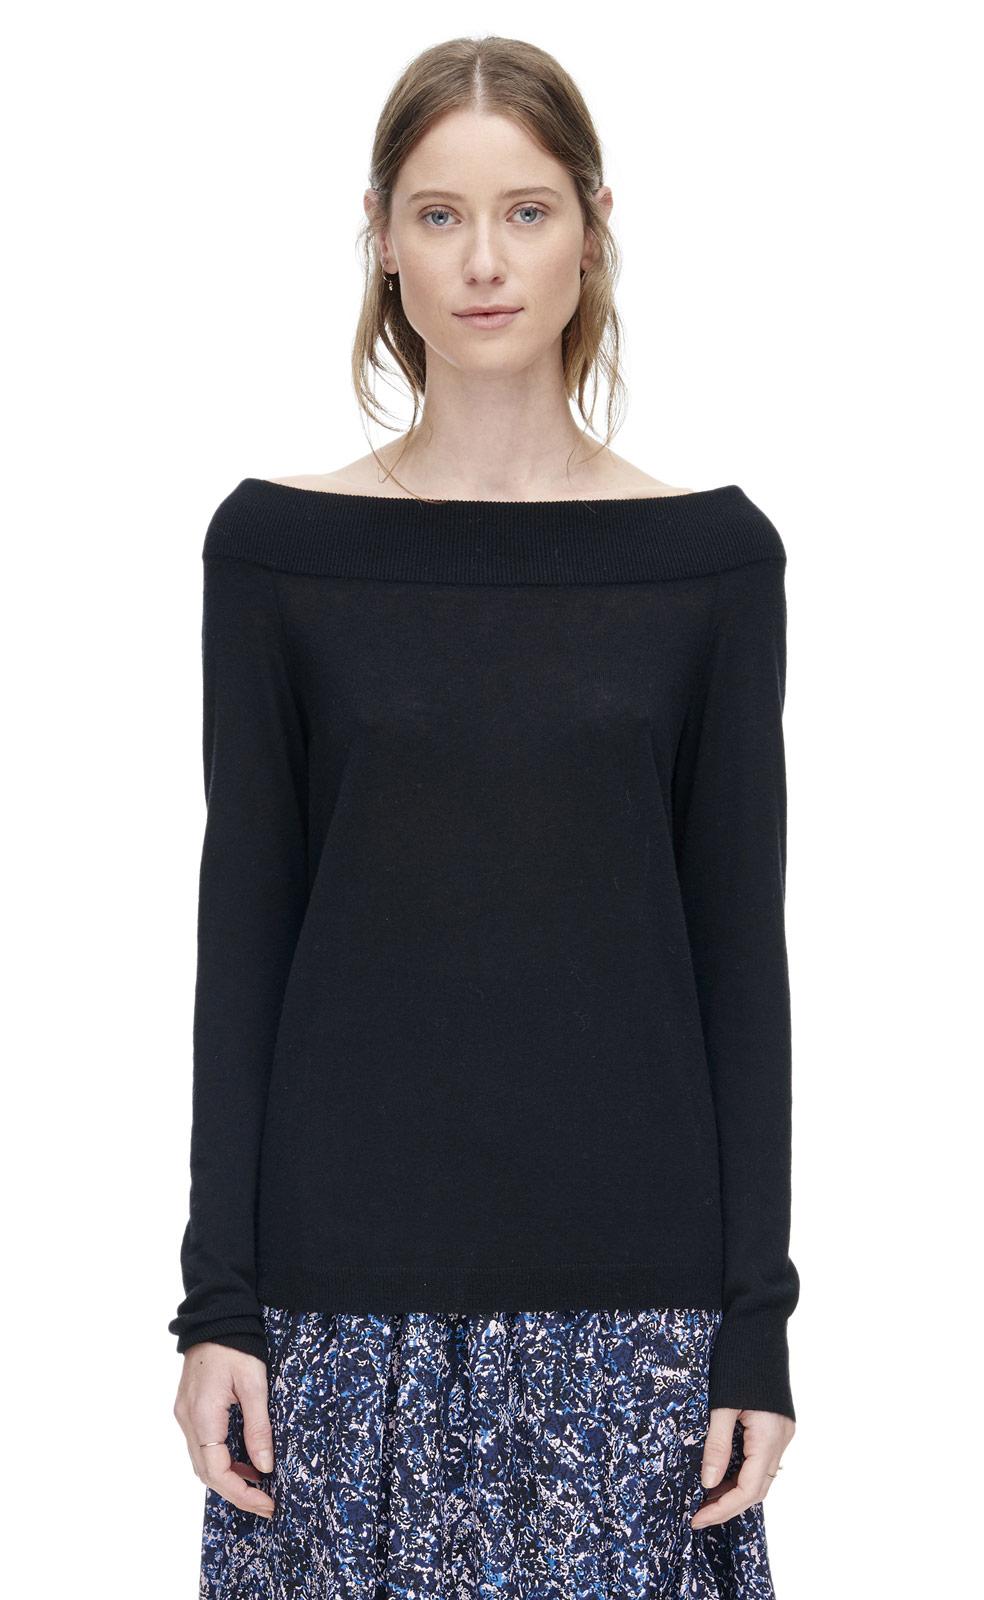 lyst rebecca taylor off shoulder pullover in black. Black Bedroom Furniture Sets. Home Design Ideas